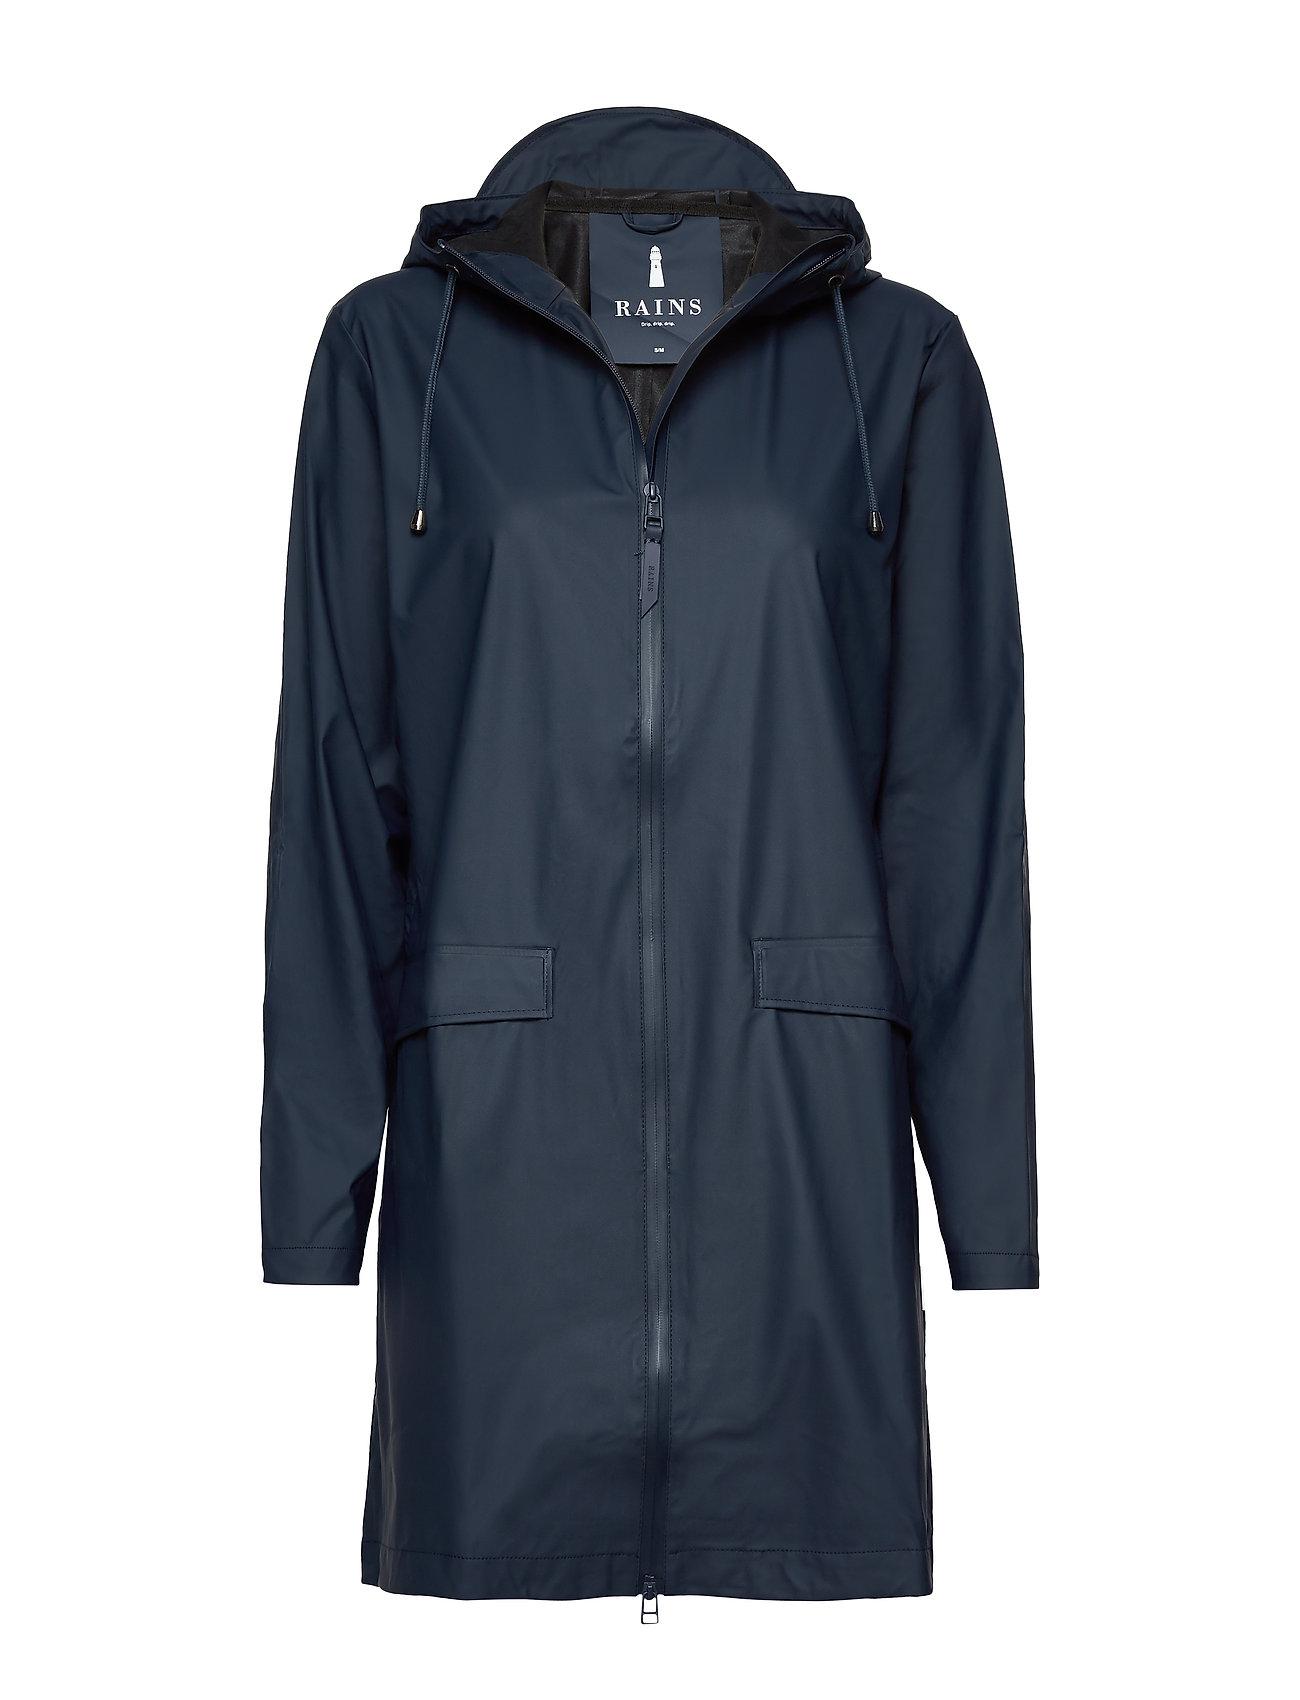 Image of W Coat Regntøj Blå Rains (2657050939)